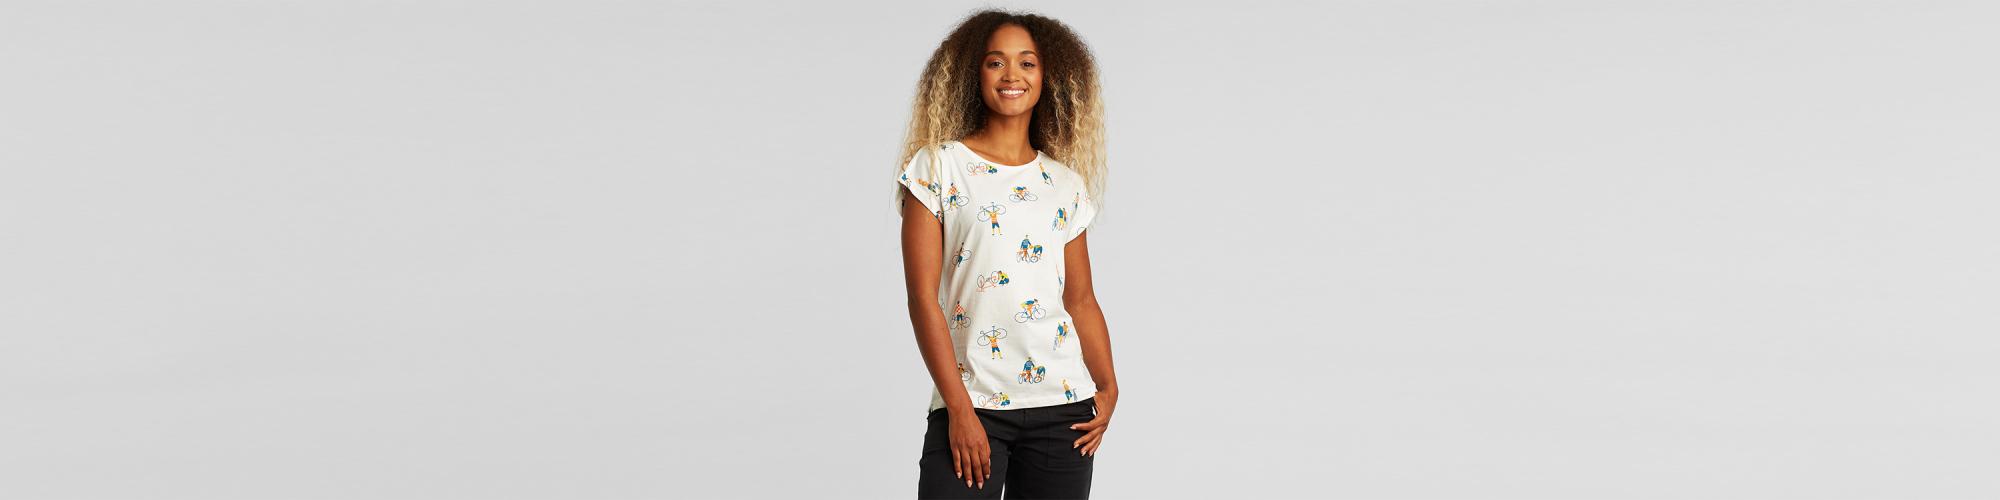 T-shirts & Tops Damen